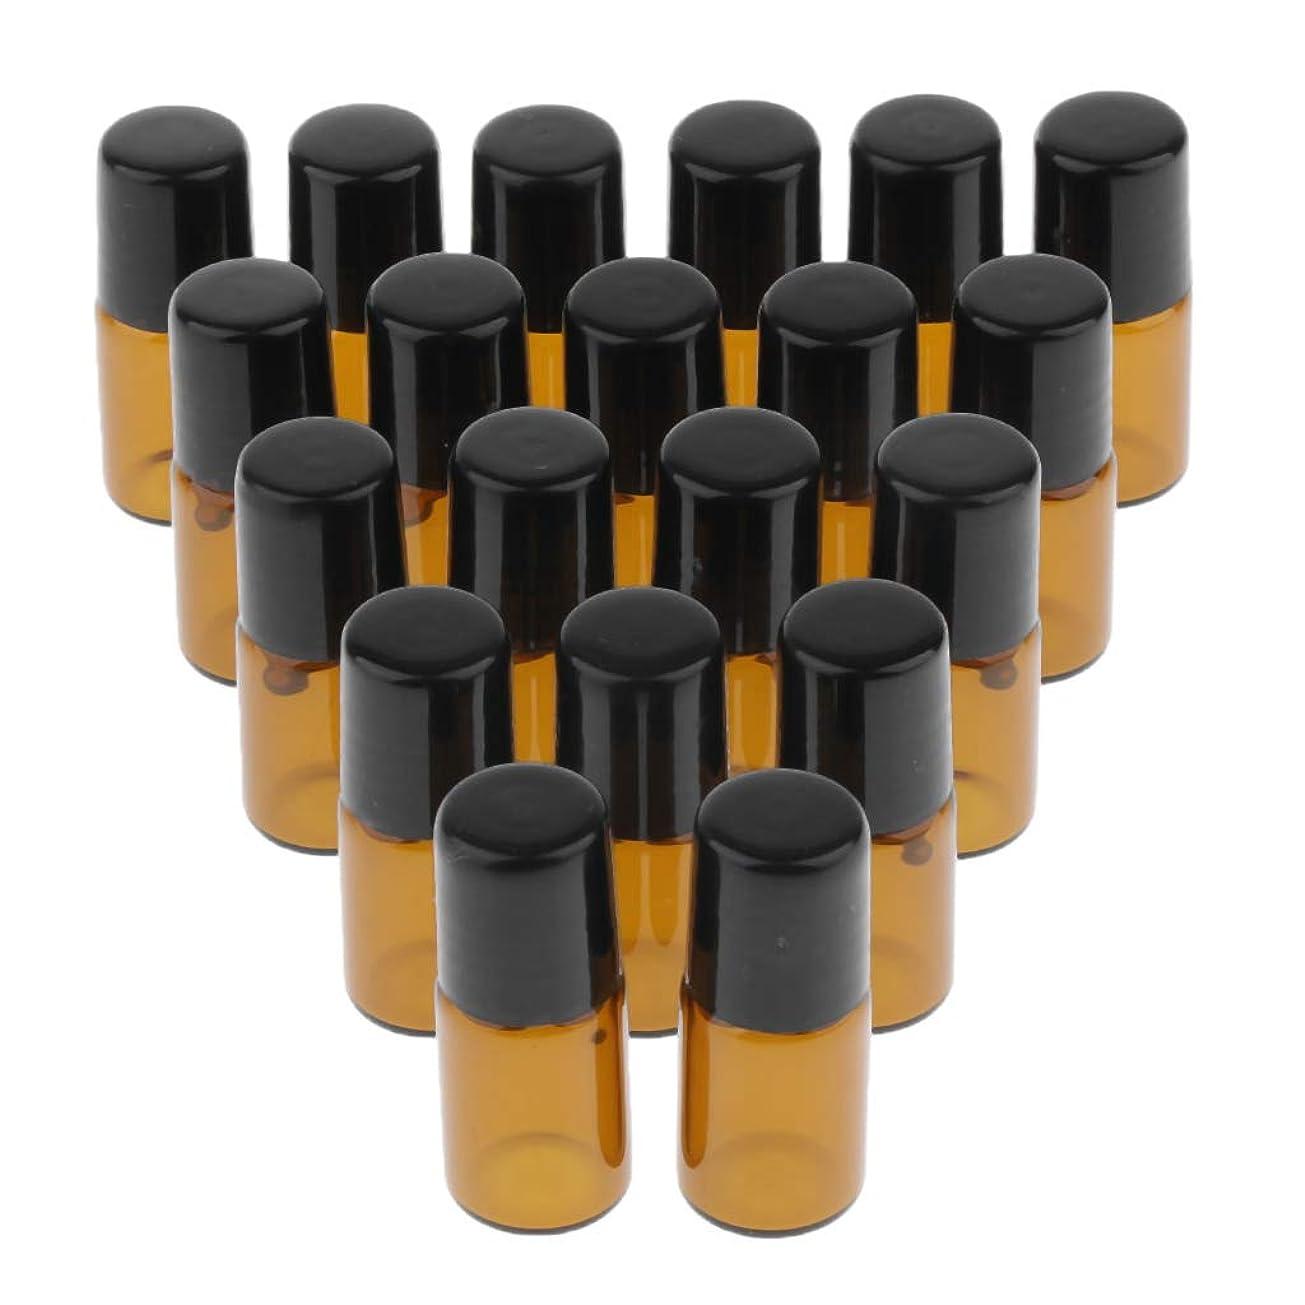 病な知覚するチャンスPerfeclan 20個 エッセンシャルオイルローラーボールボトル ガラスボトル 3サイズ選べ - 3ml